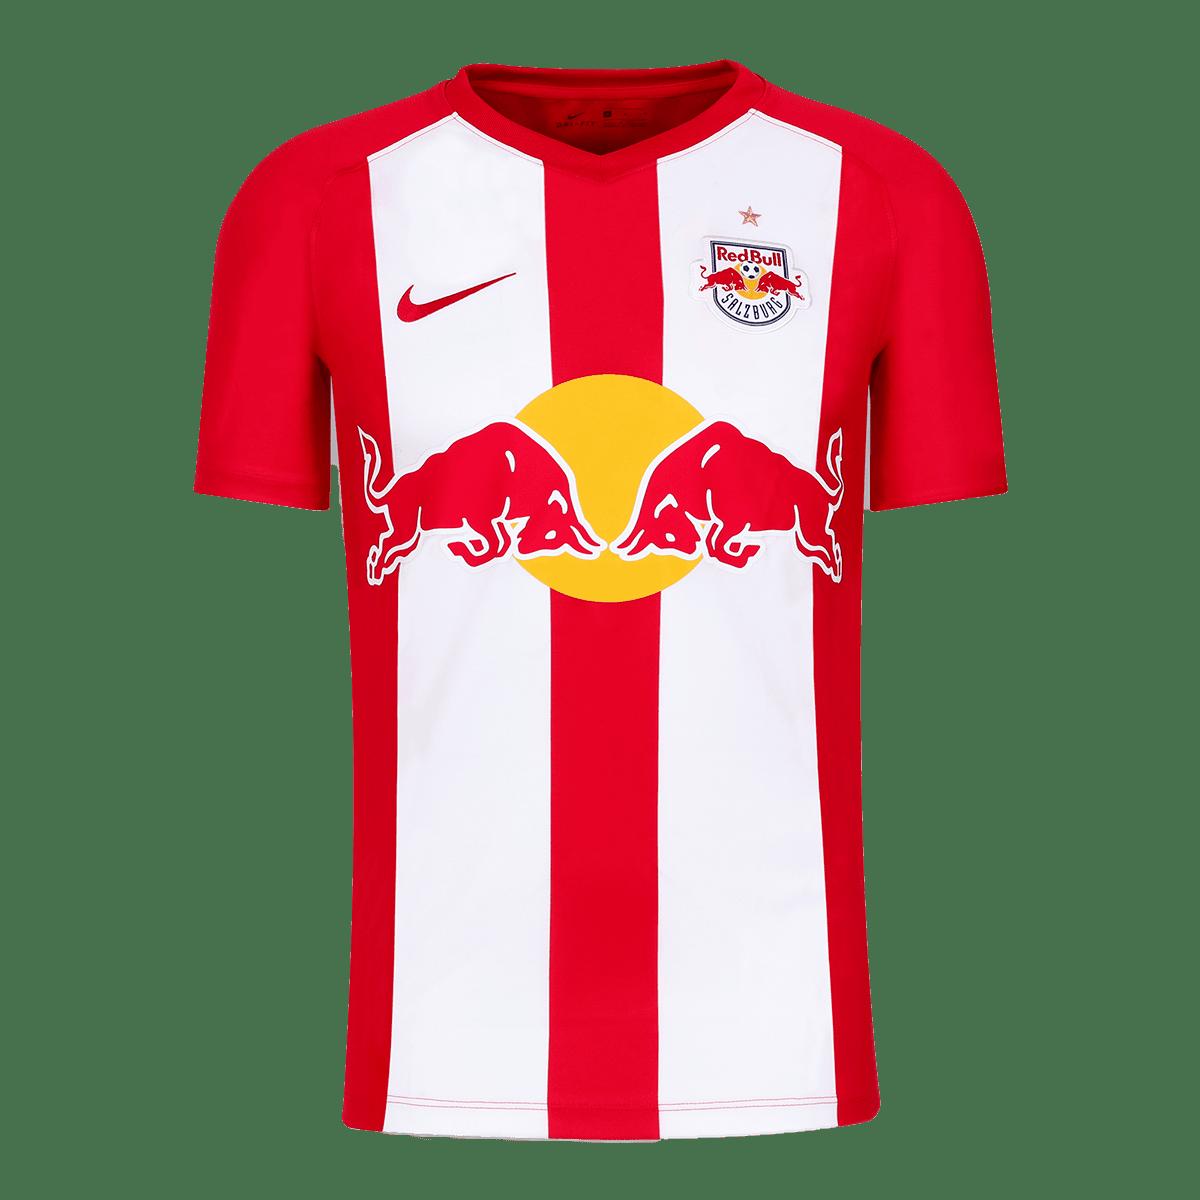 Nike RB Salzburg Herren Heim Trikot 201920 rotweiß